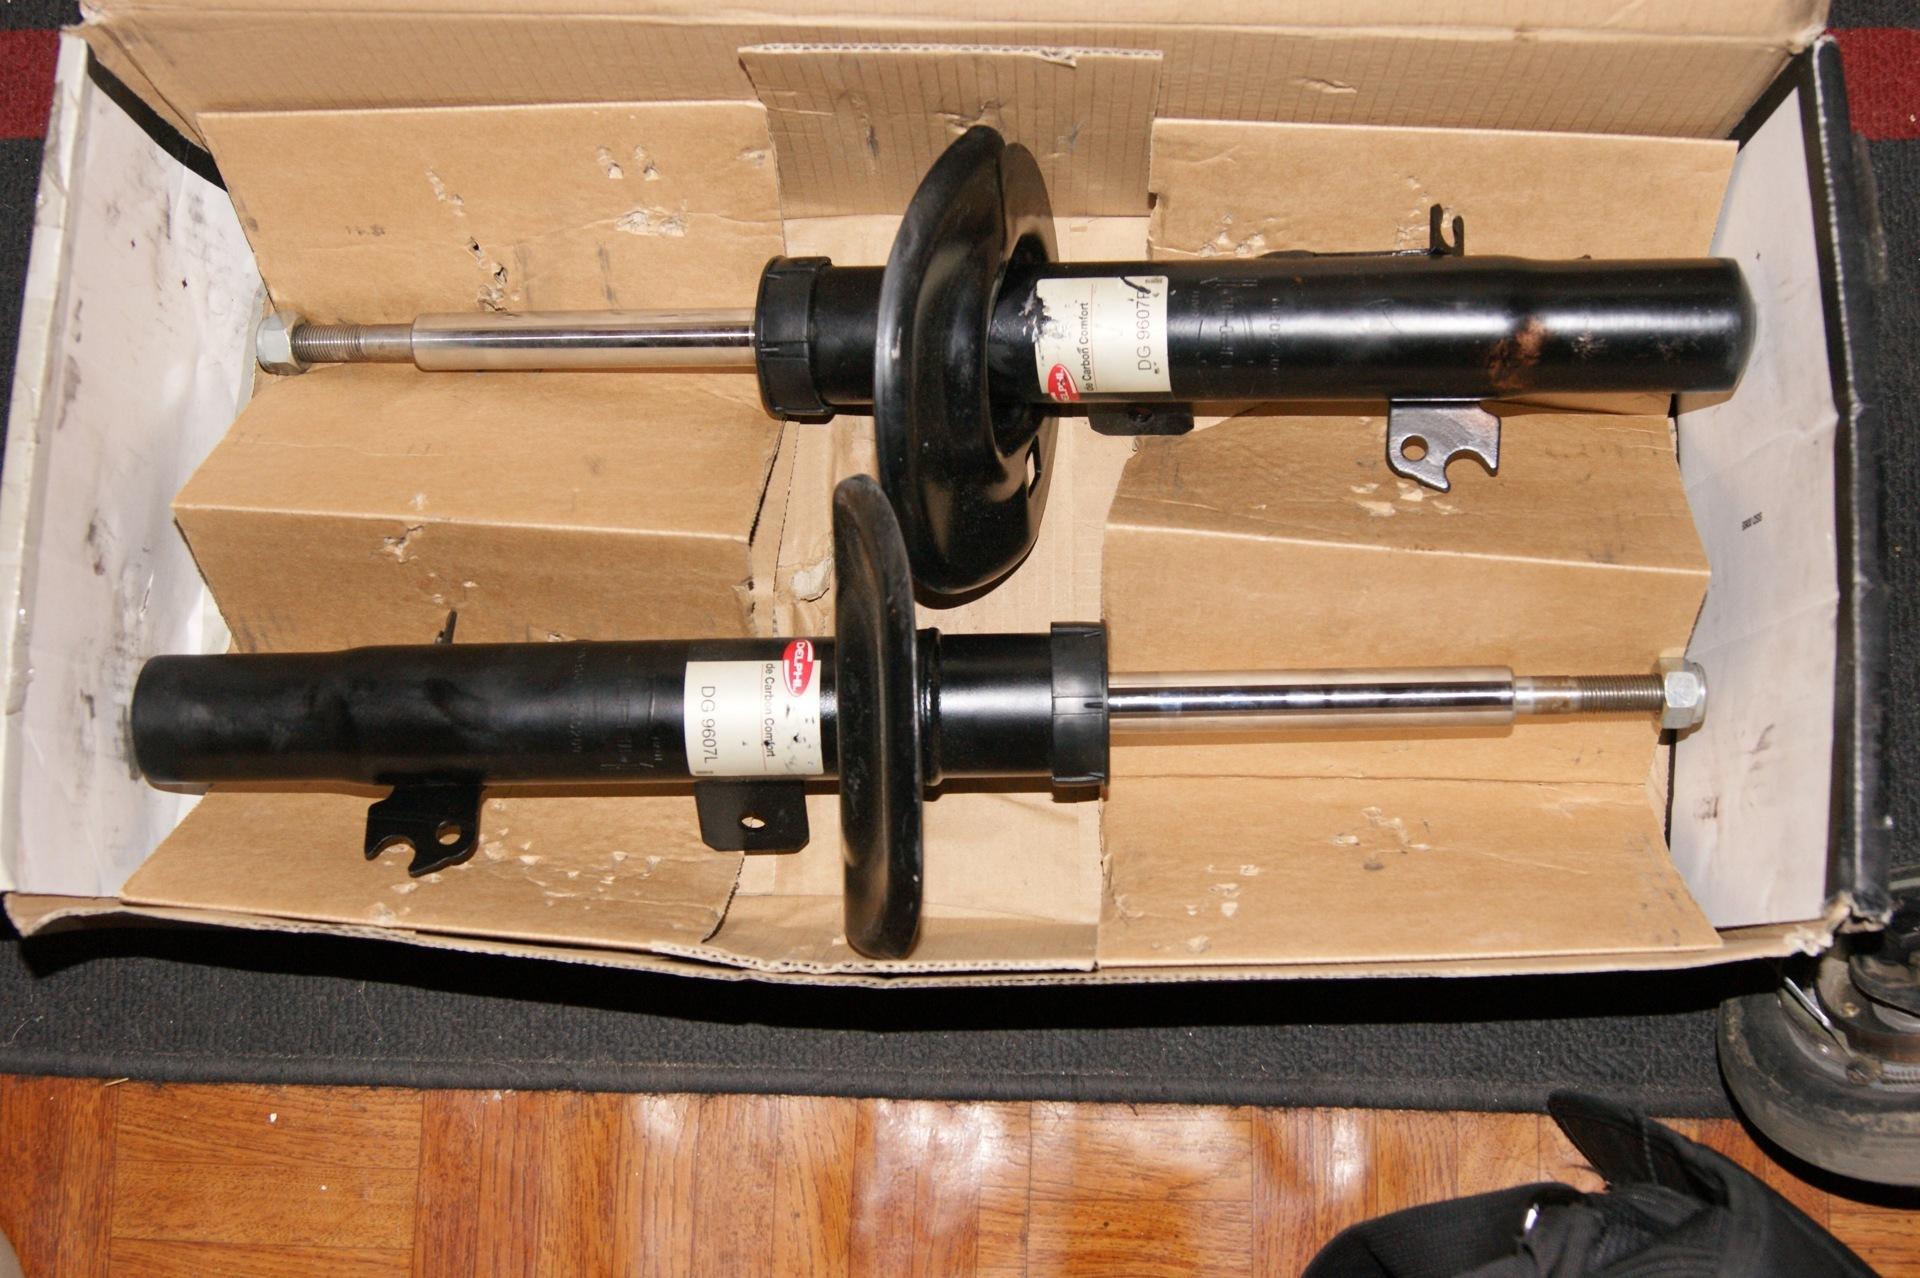 Замена передней пружины пежо 207 Ремонт моторчиков охлаждения рено сценик